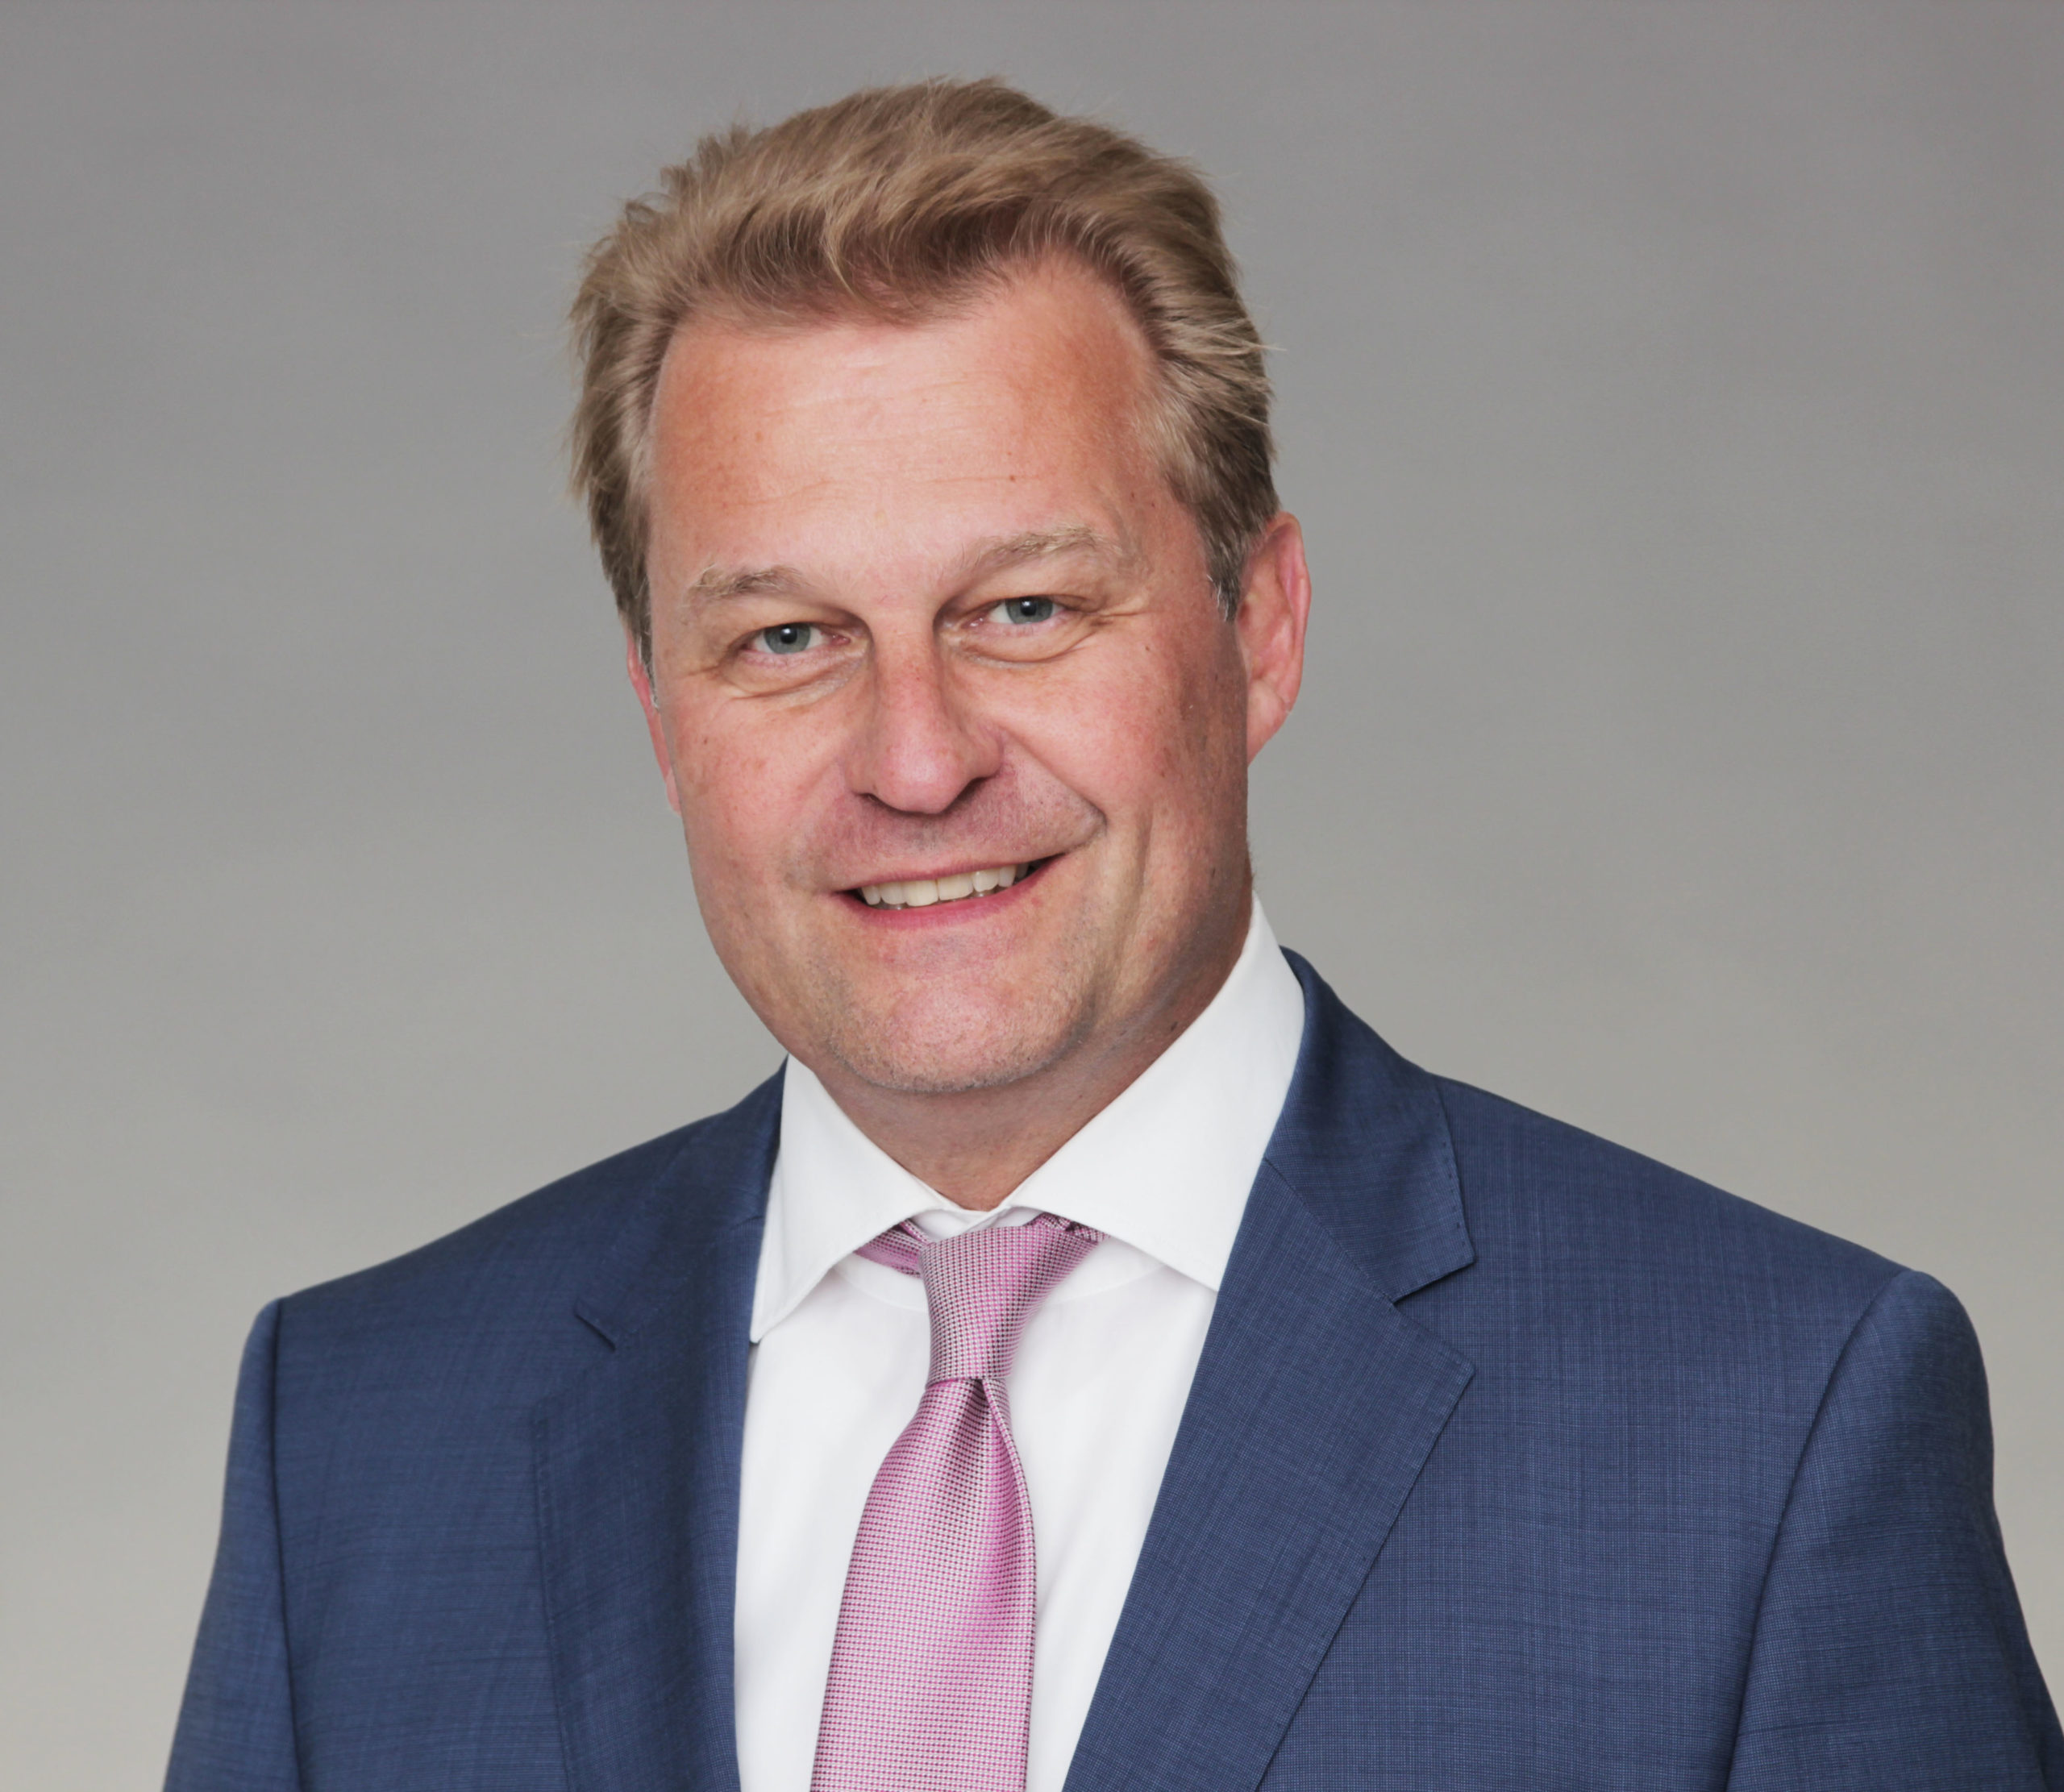 Dr. Andreas Nitze - CEO Berliner Glas KGaA Herbert Kubatz GmbH & Co. & Förderer